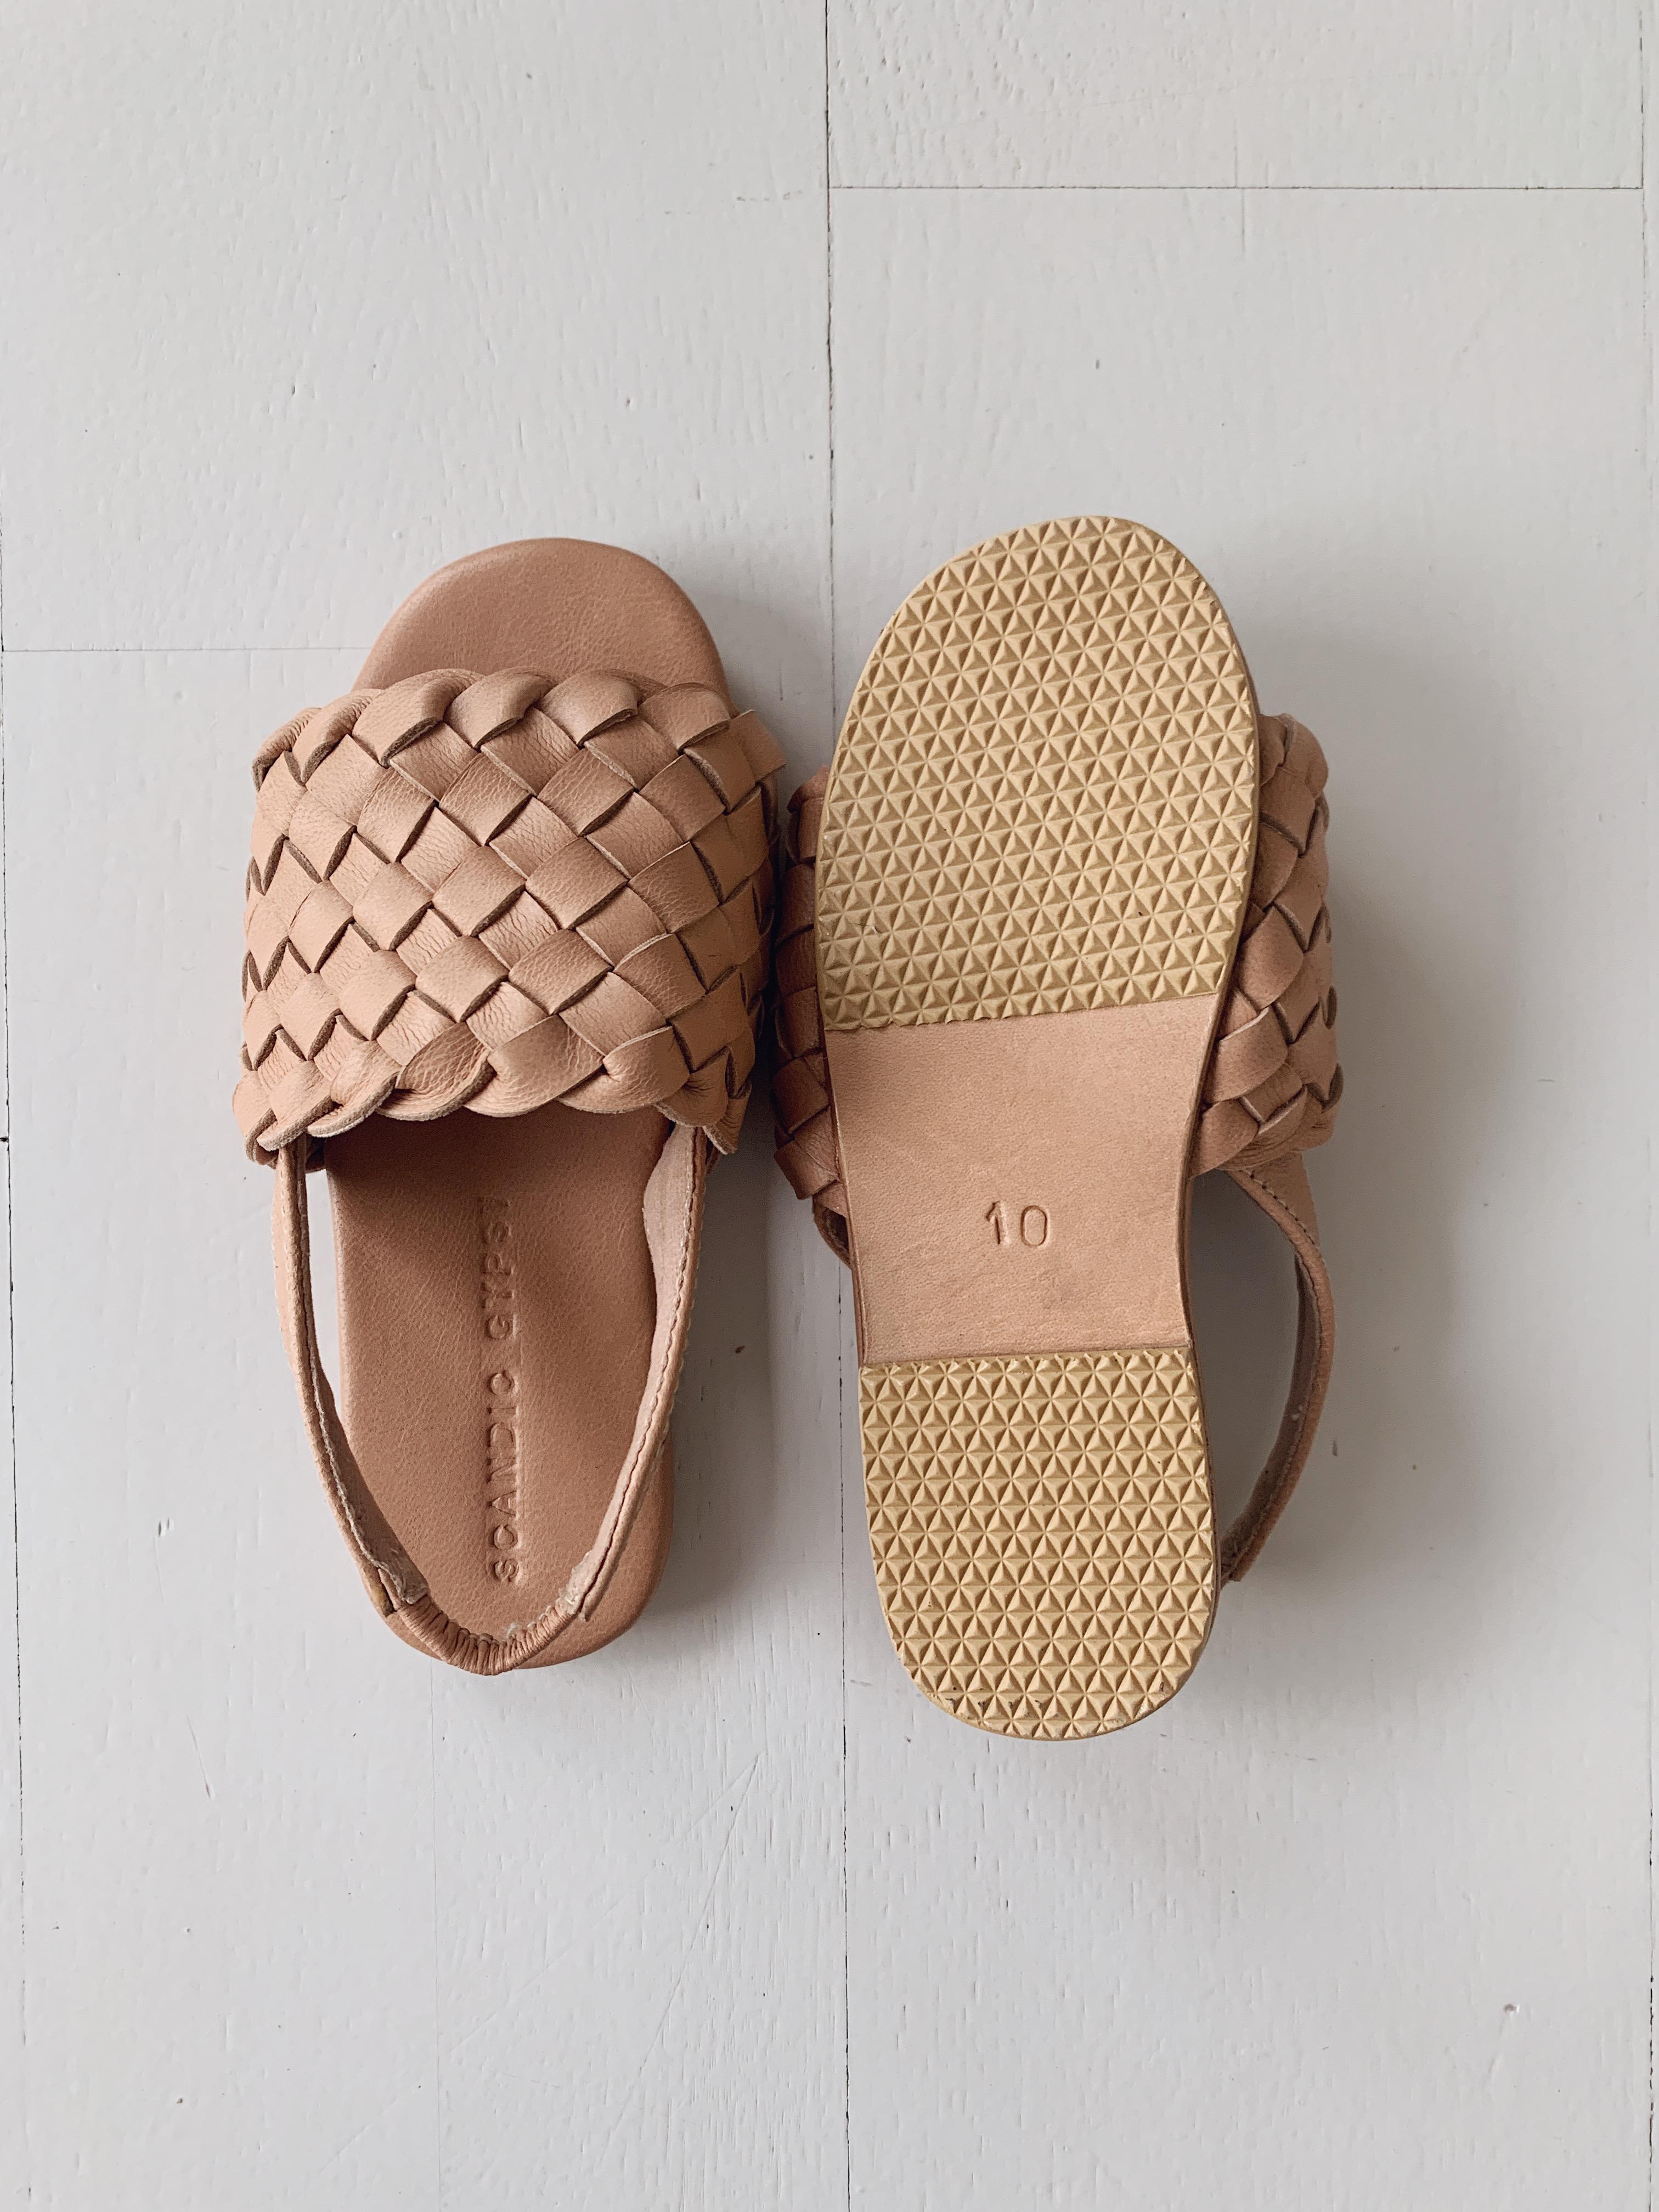 Scandic Gypsy Sandal - Nudie -